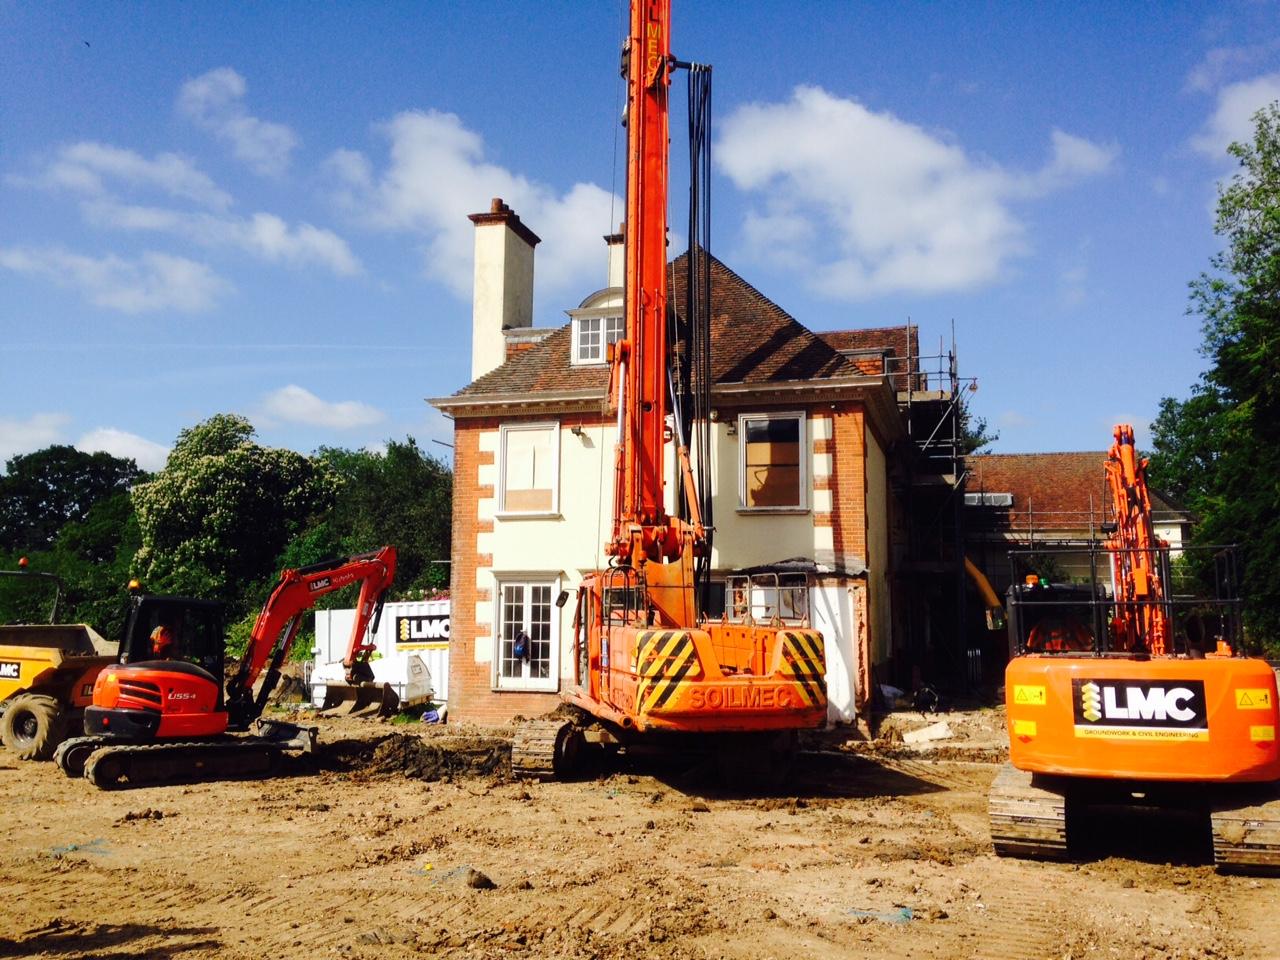 Contiguous Piled Basement Totteridge, Client - Devonshire Property Contract Value - £500k